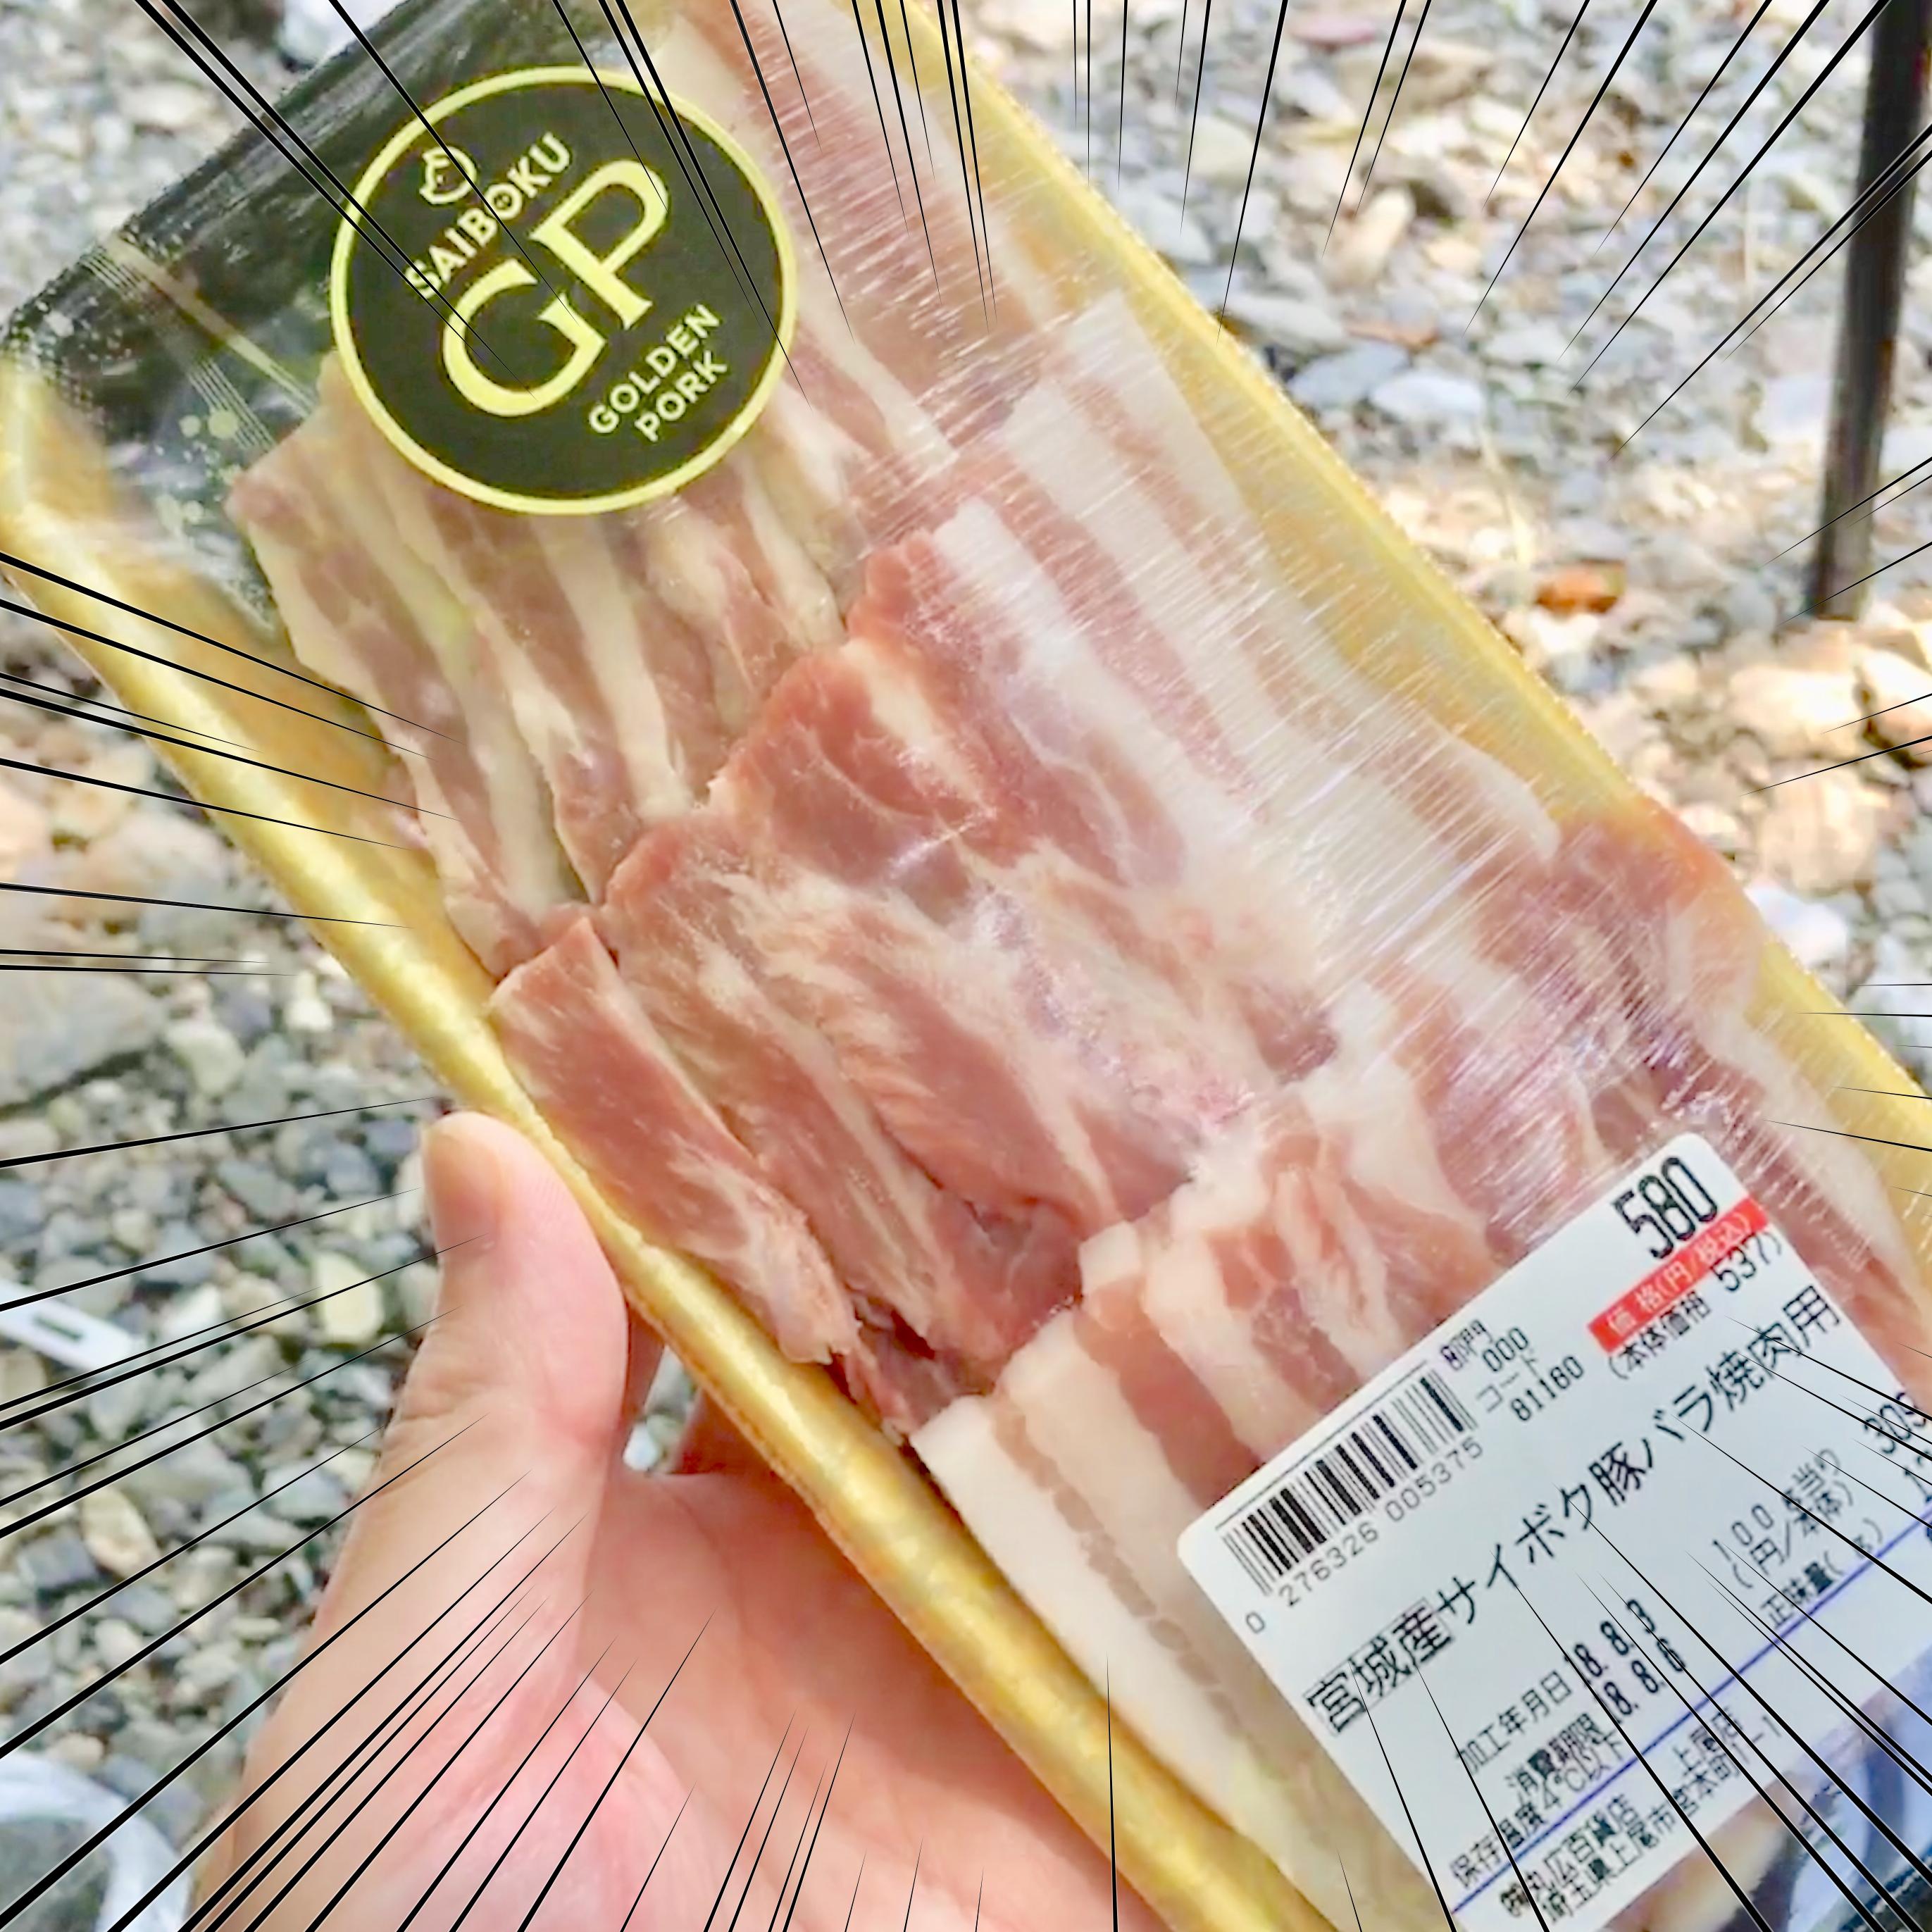 バーベキューのお肉はサイボクハム取扱店orネットで事前準備がおすすめ!